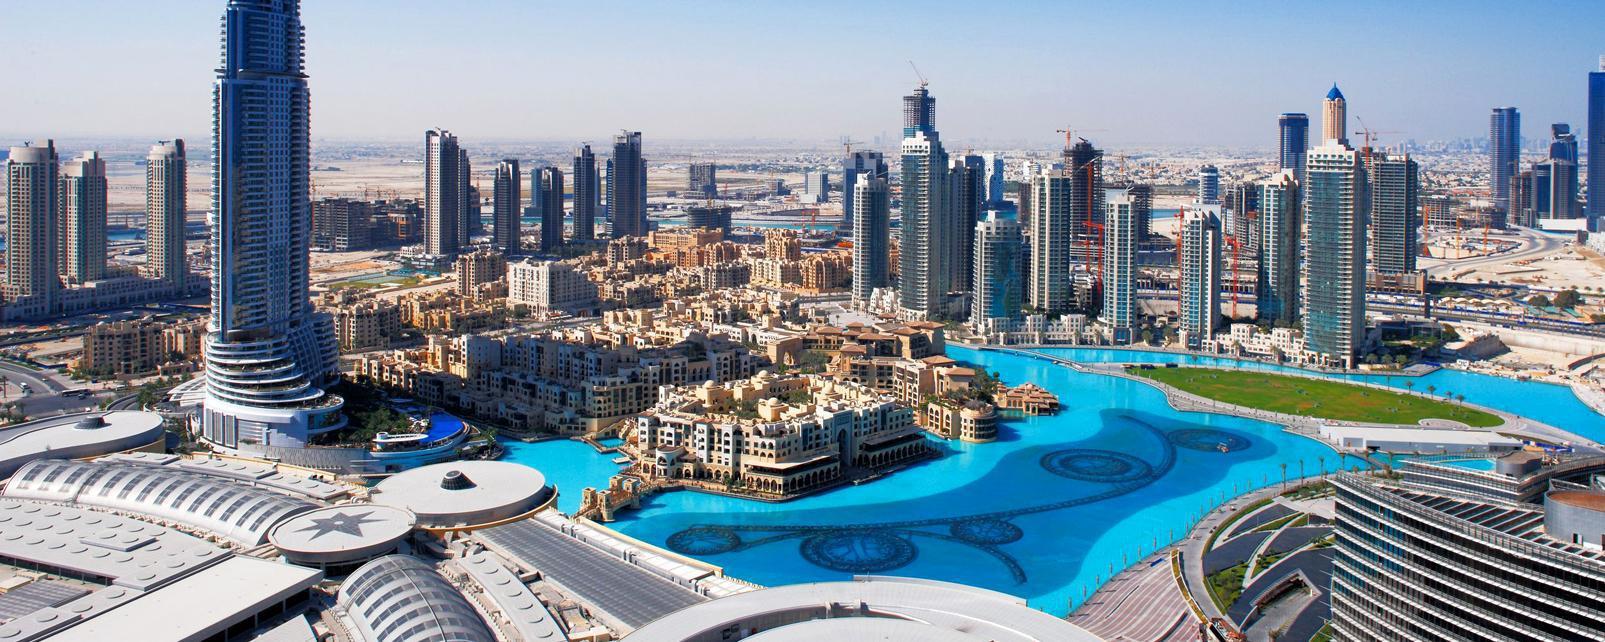 Guide voyage des emirats arabes unis easyvoyage for Hotels unis de france